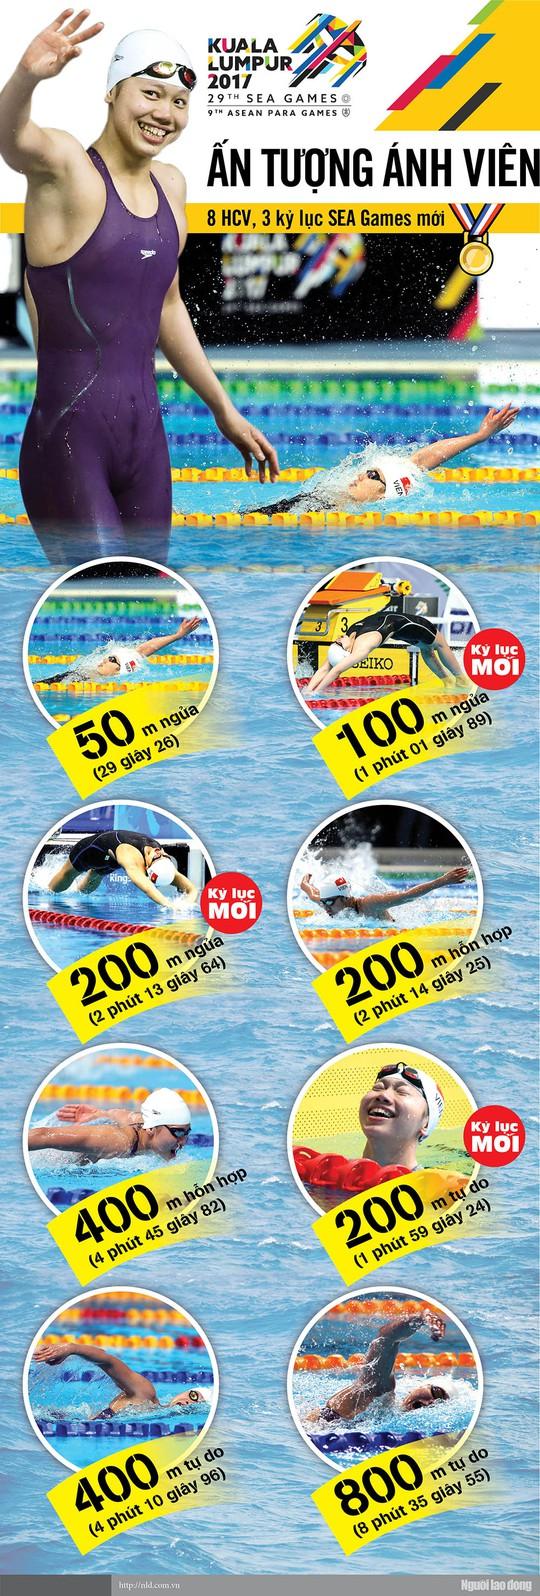 Khoảnh khắc đáng nhớ của kình ngư Ánh Viên tại SEA Games 29 - Ảnh 1.